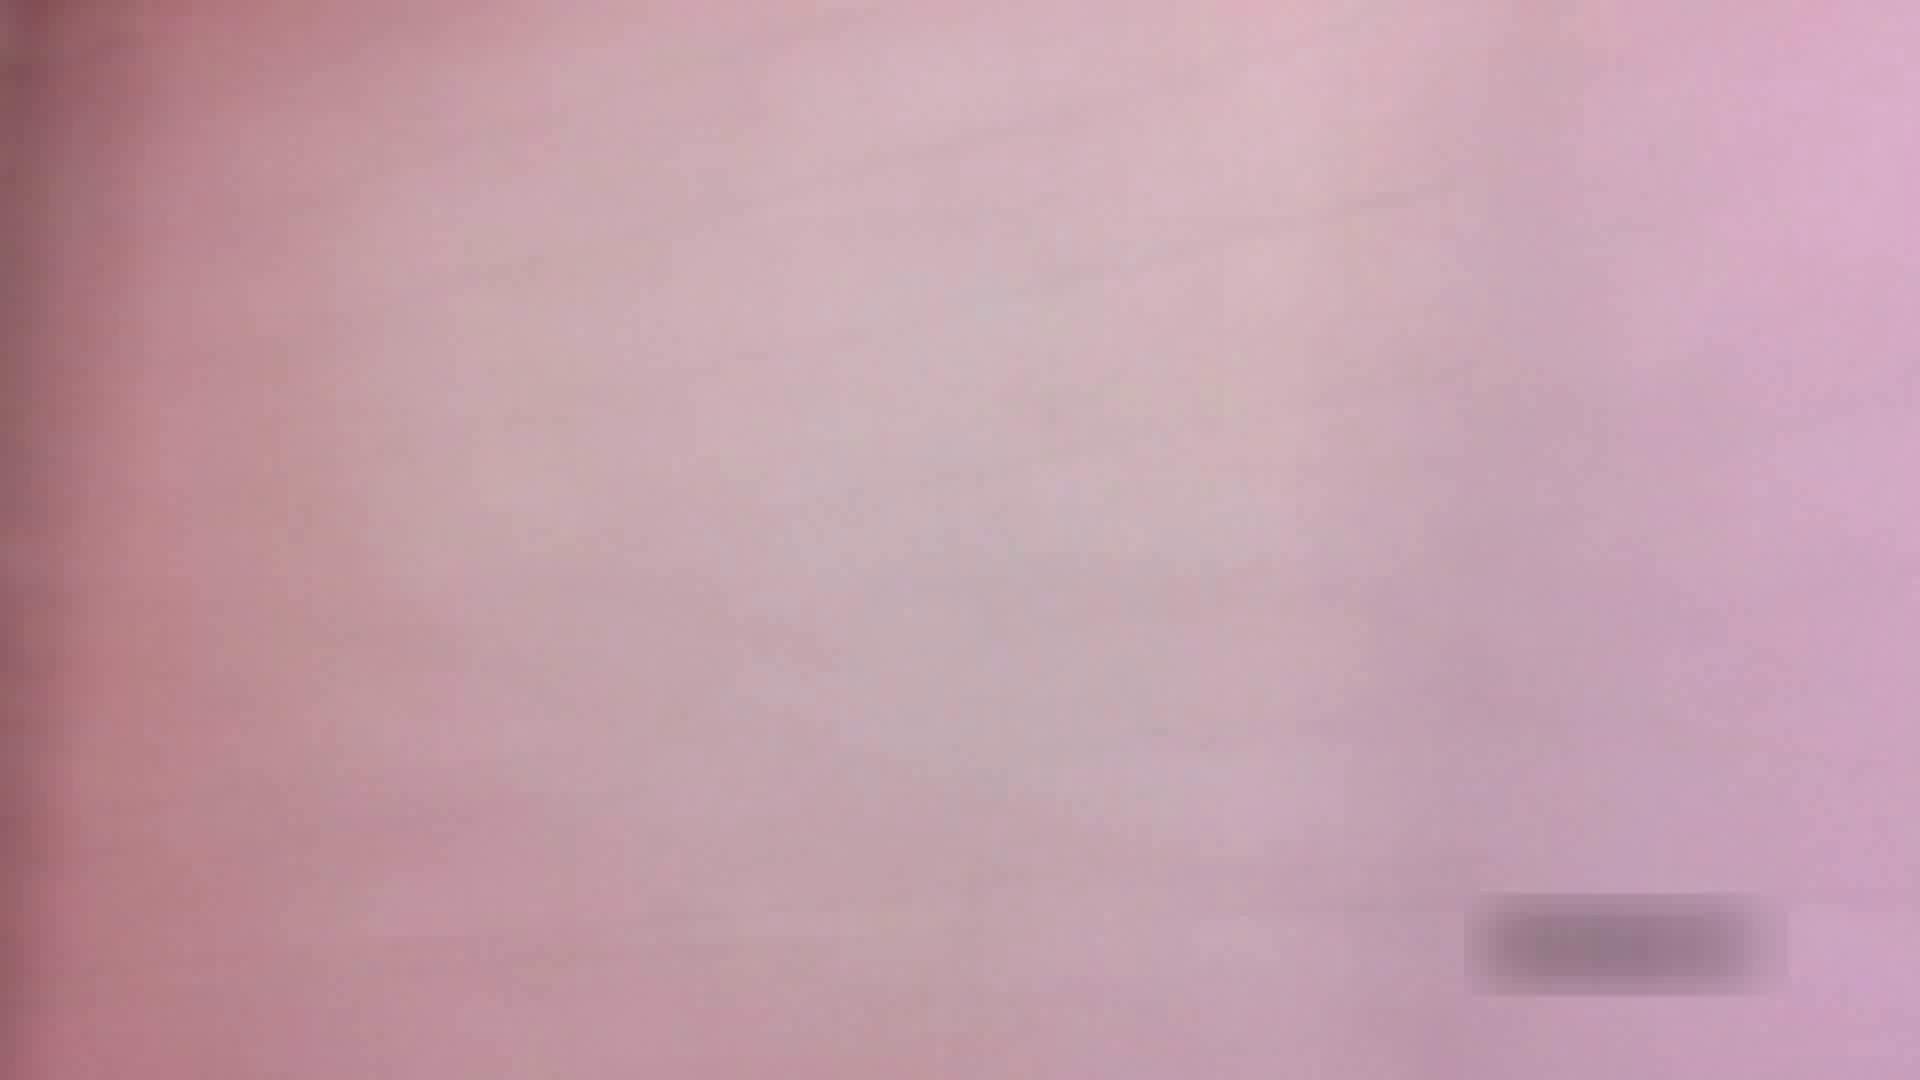 お姉さんの恥便所盗撮! Vol.16 便所 のぞき動画キャプチャ 58画像 24